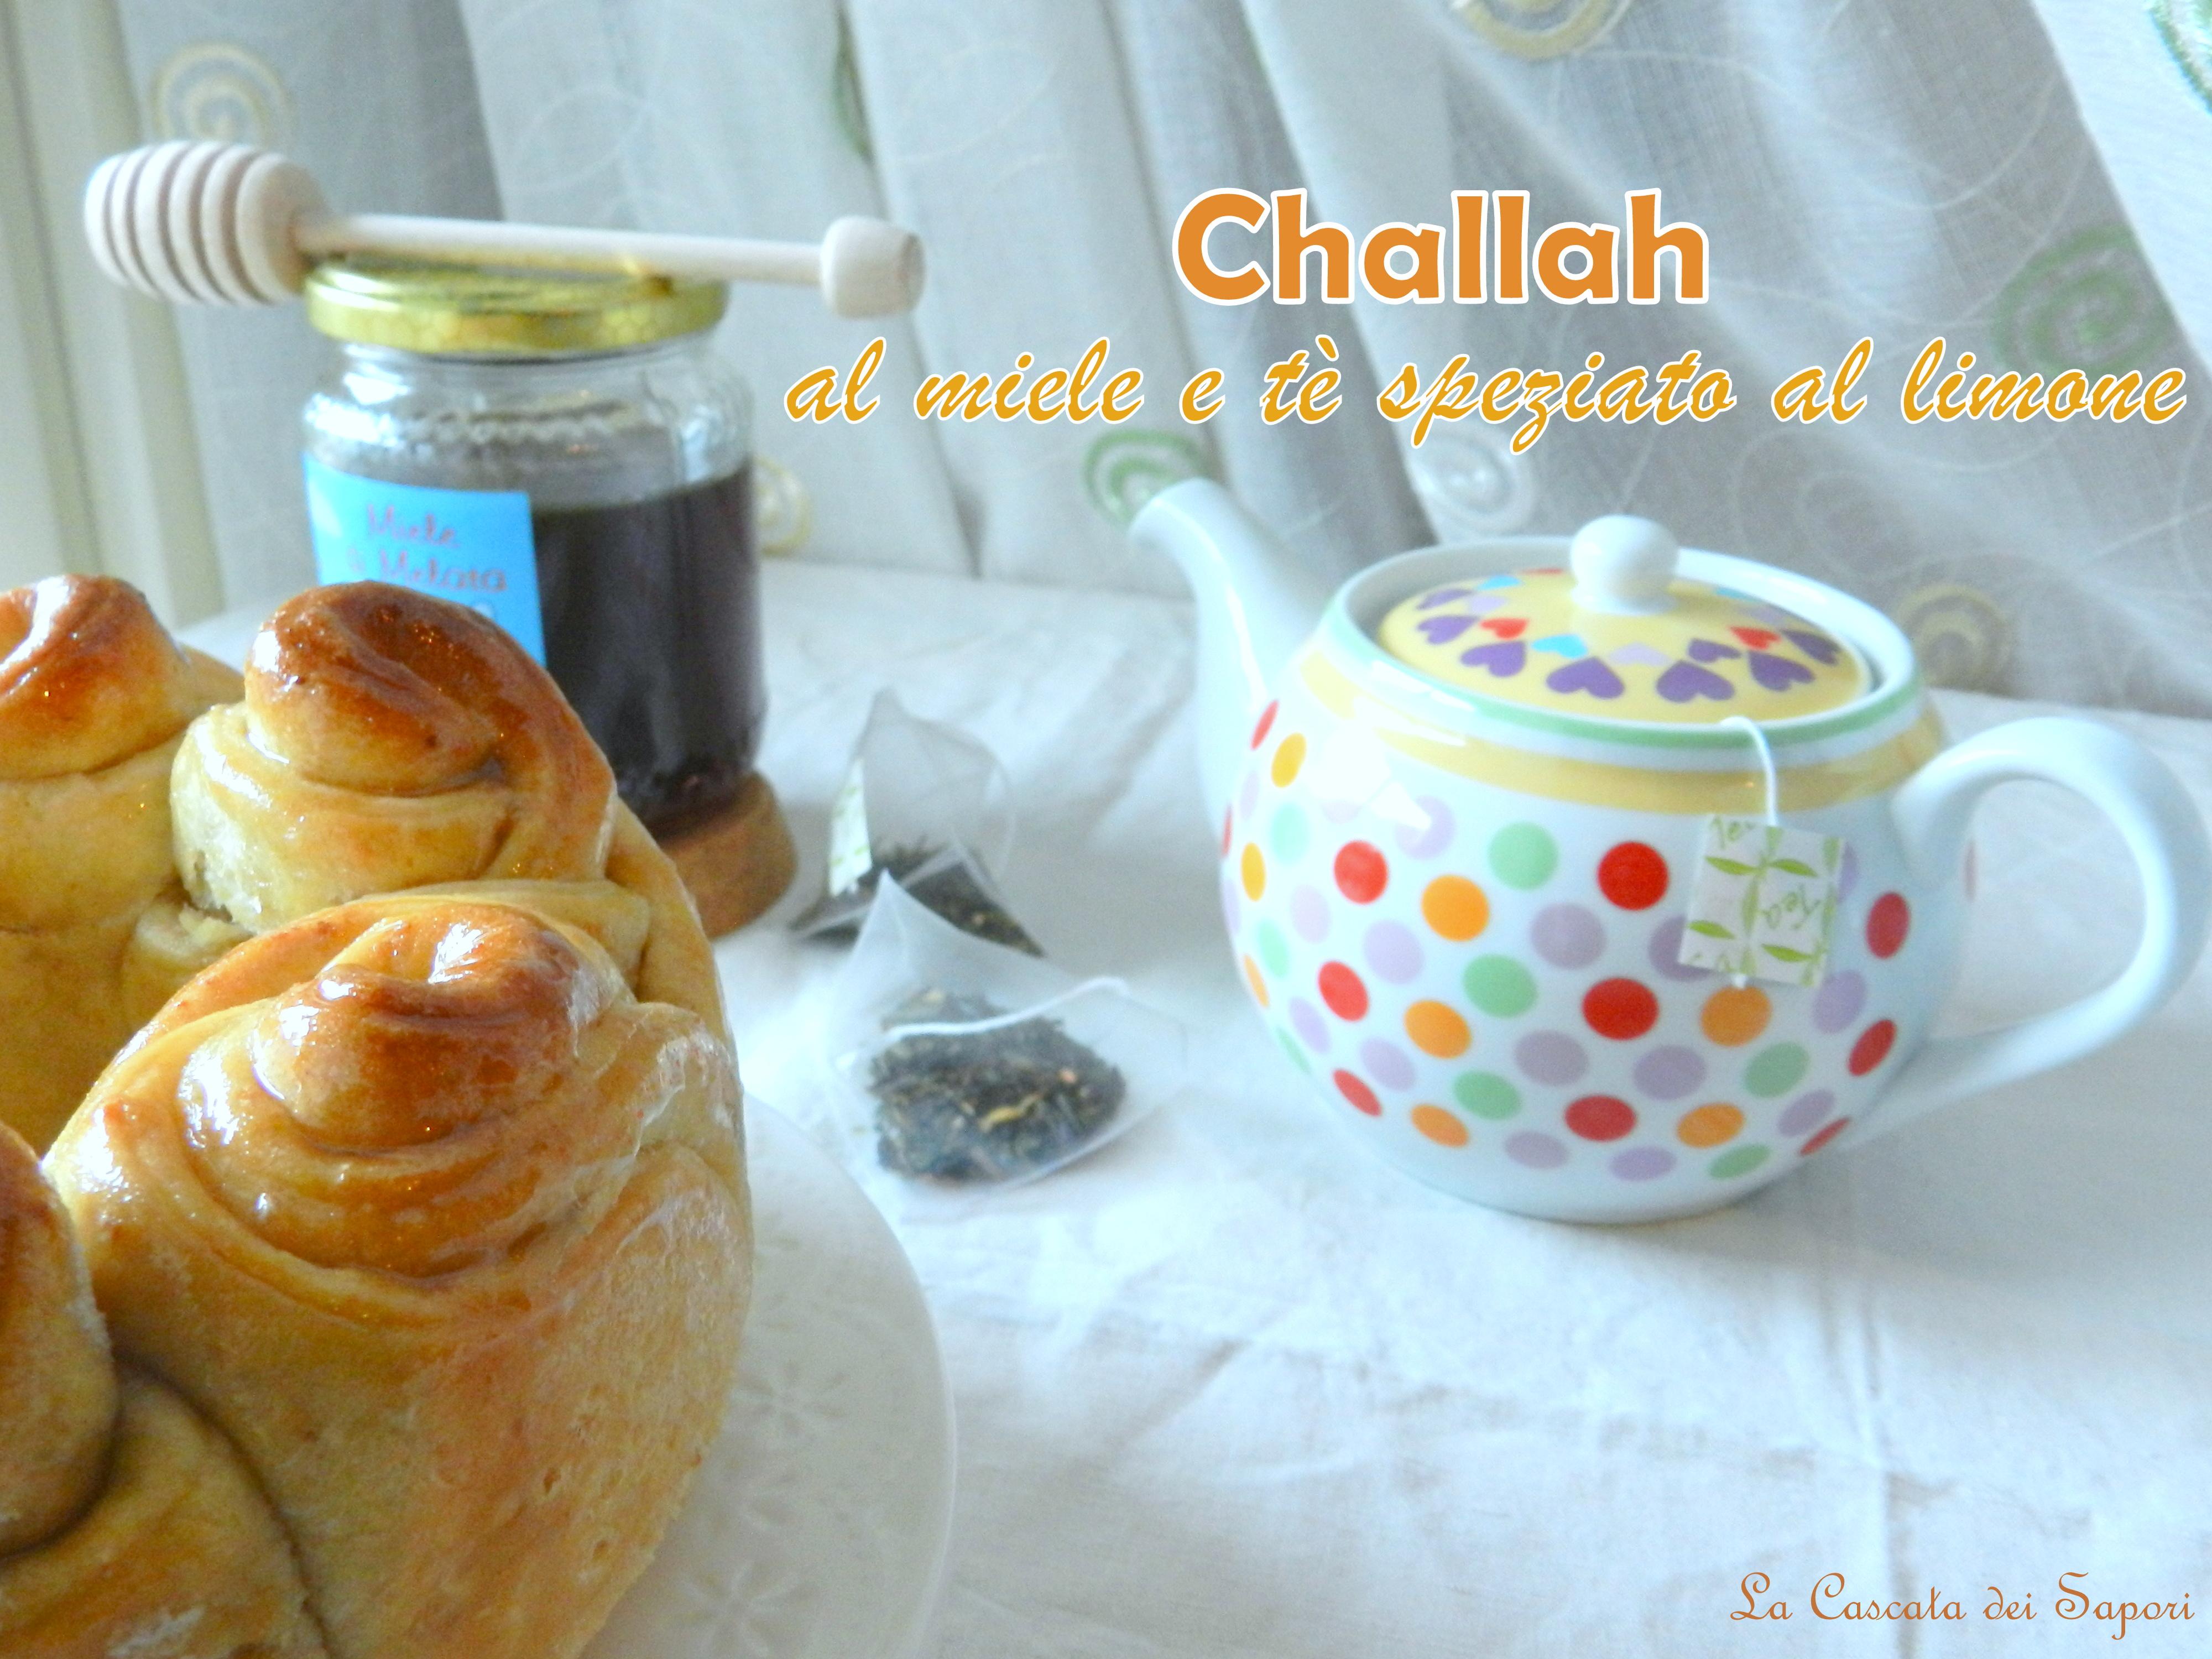 Challah-al-miele-e-tè-speziato-al-limone